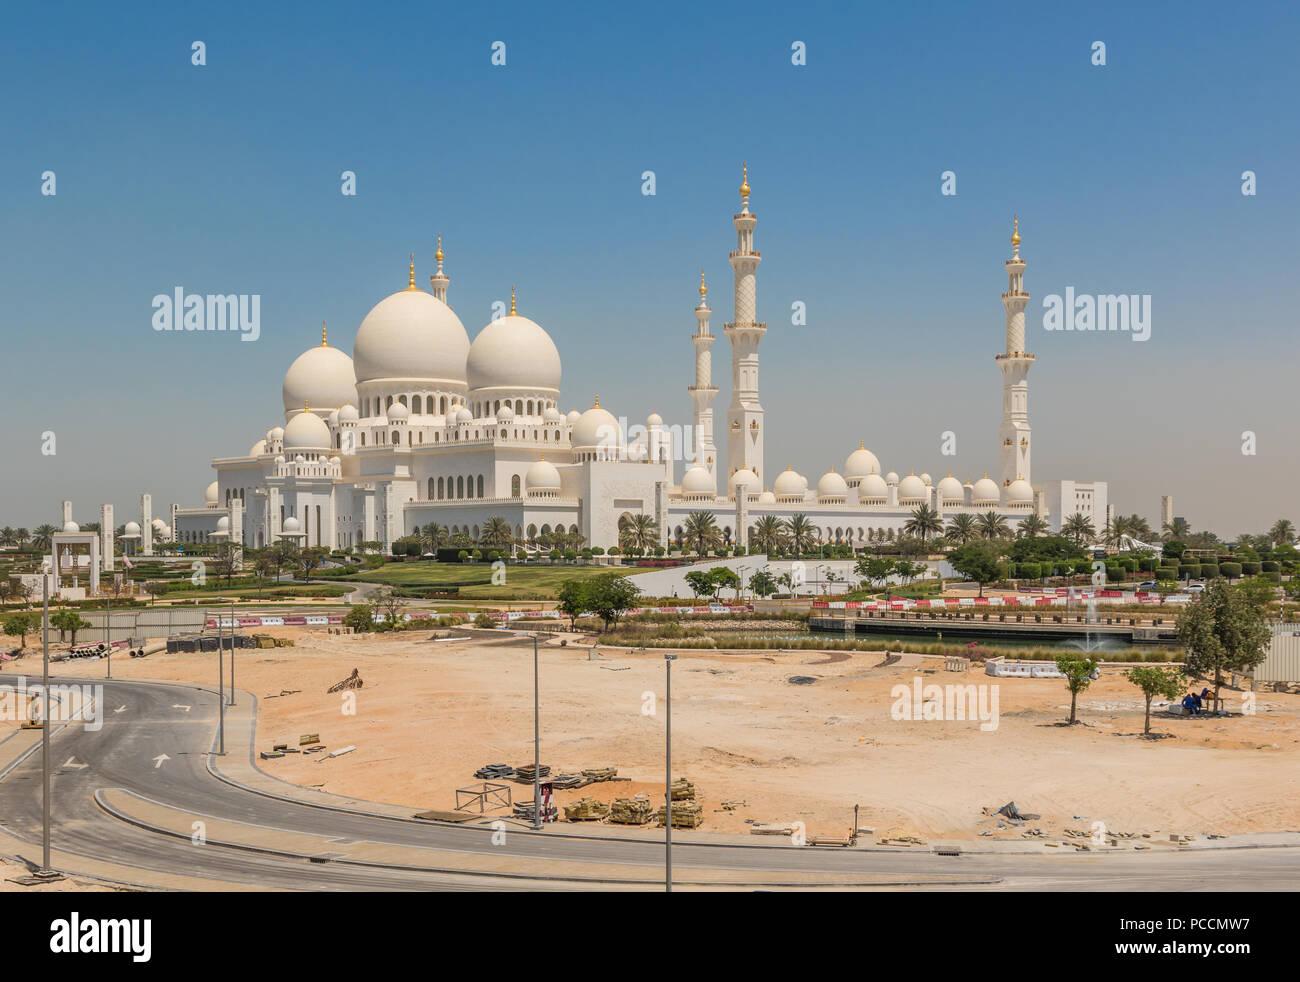 Abu Dhabi - la Moschea Sheikh Zayed è il più riconoscibile punto di riferimento di Abu Dabhi. Qui in particolare uno scorcio della sua splendida architettura Immagini Stock